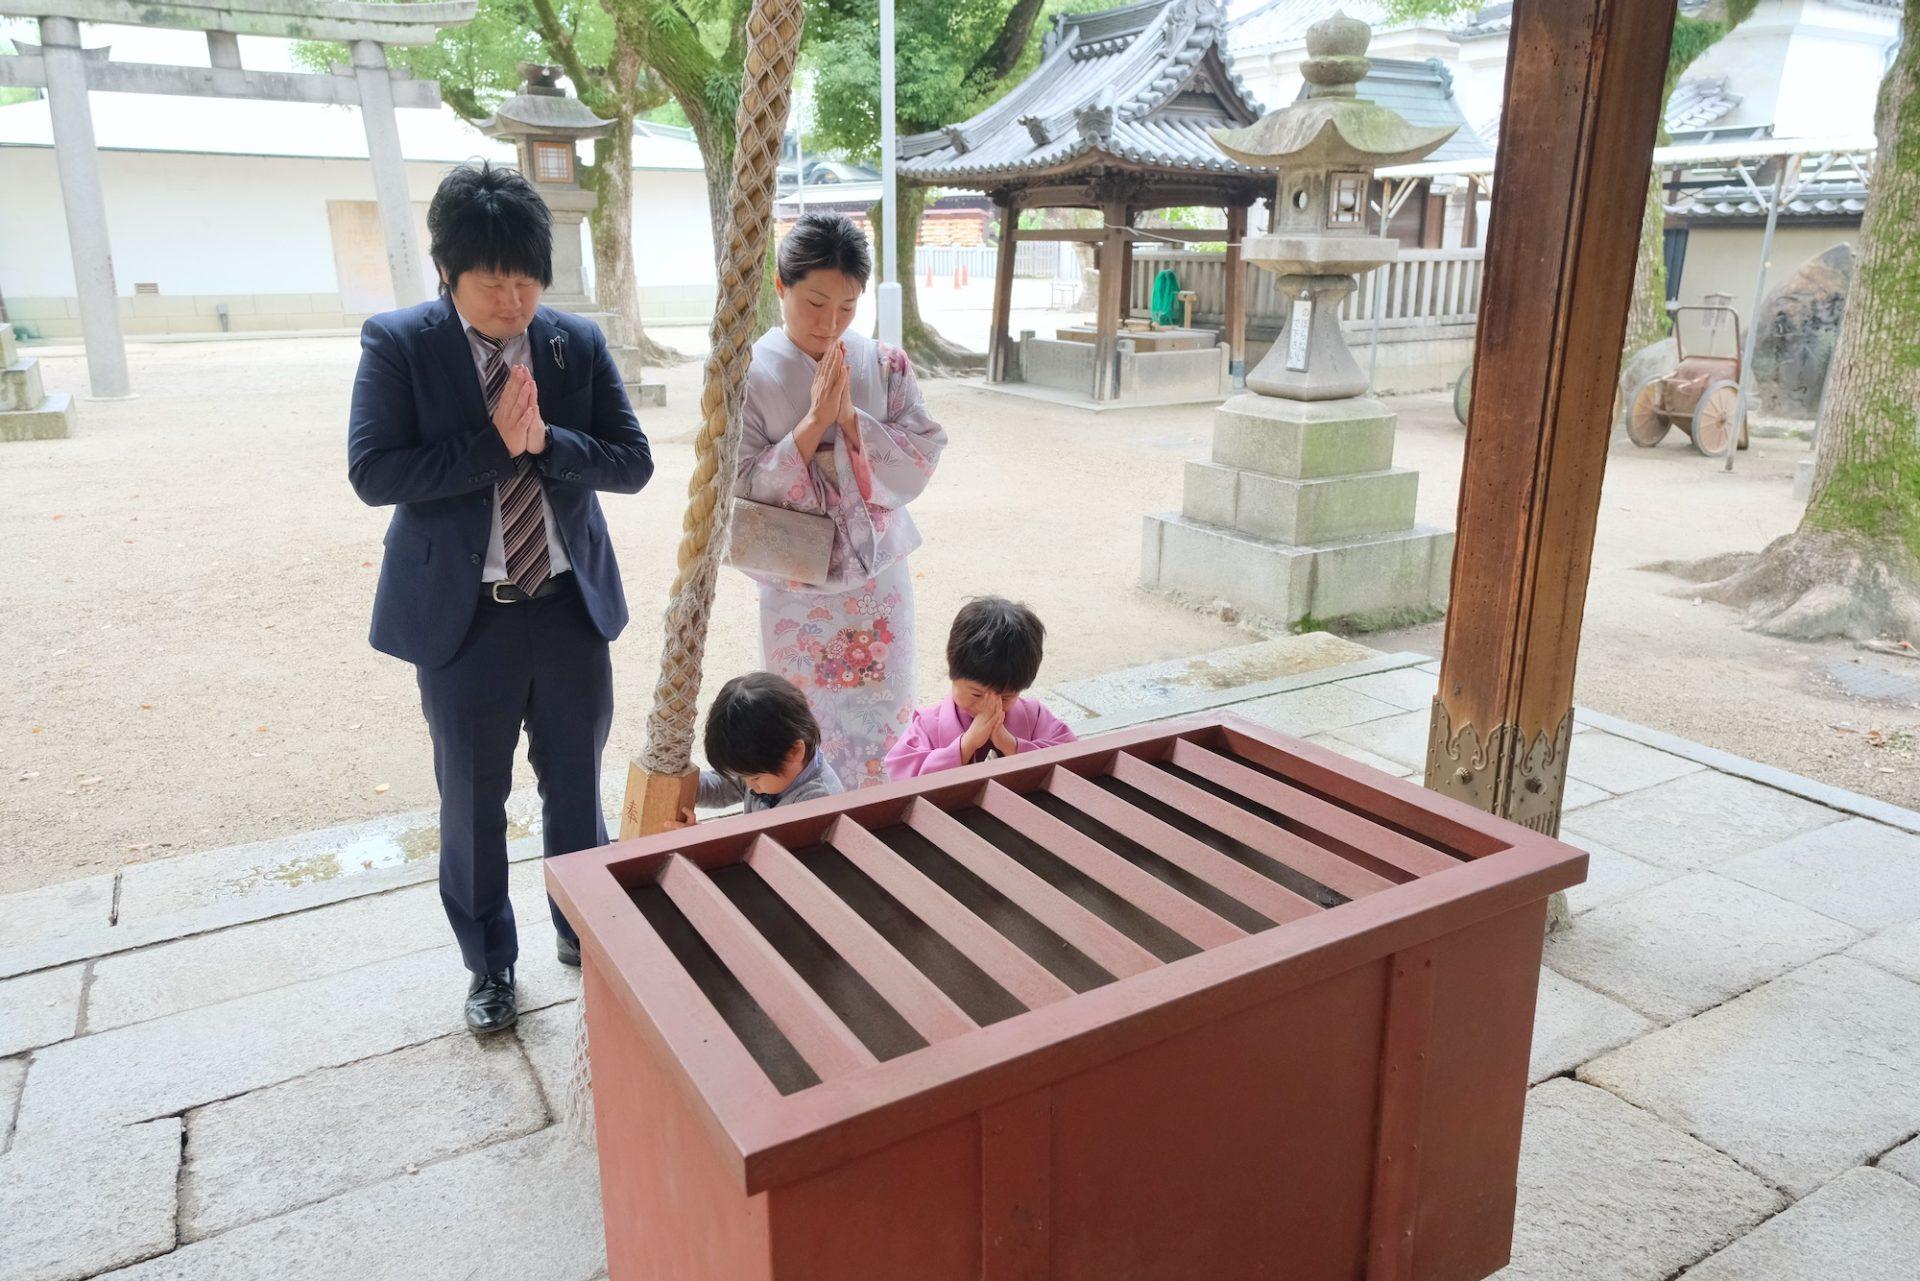 大阪天満宮で七五三の着物の男の子